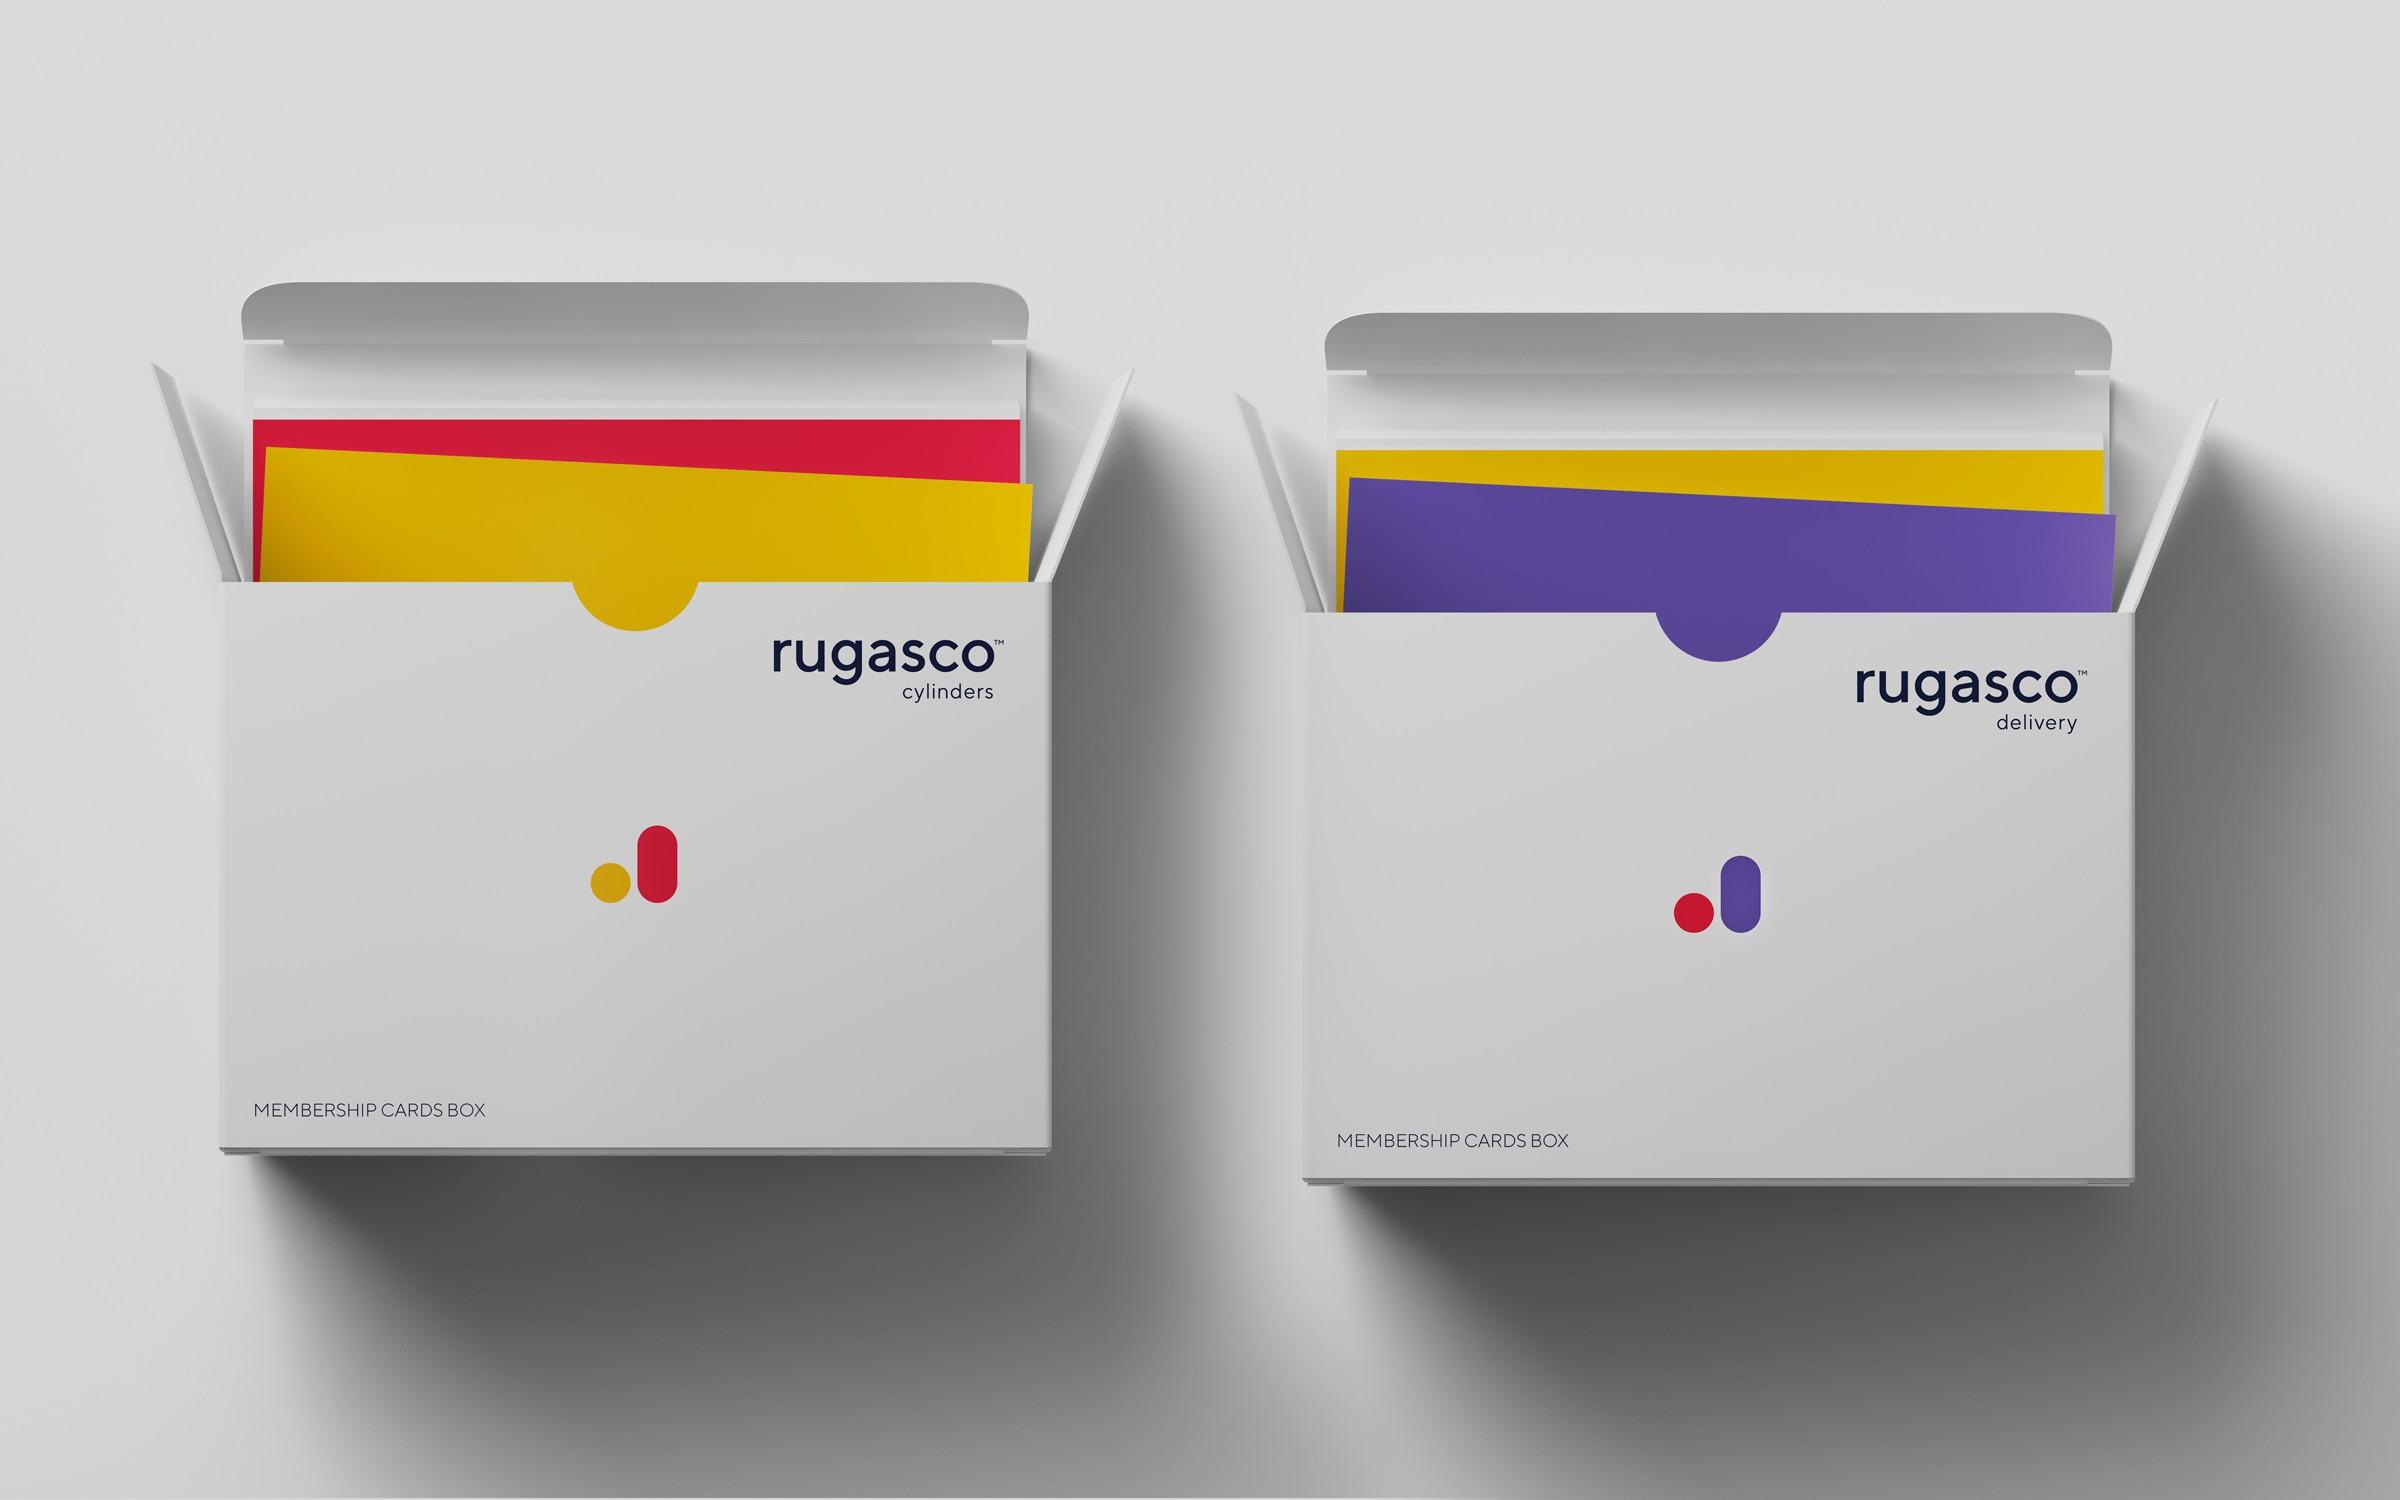 Rugasco